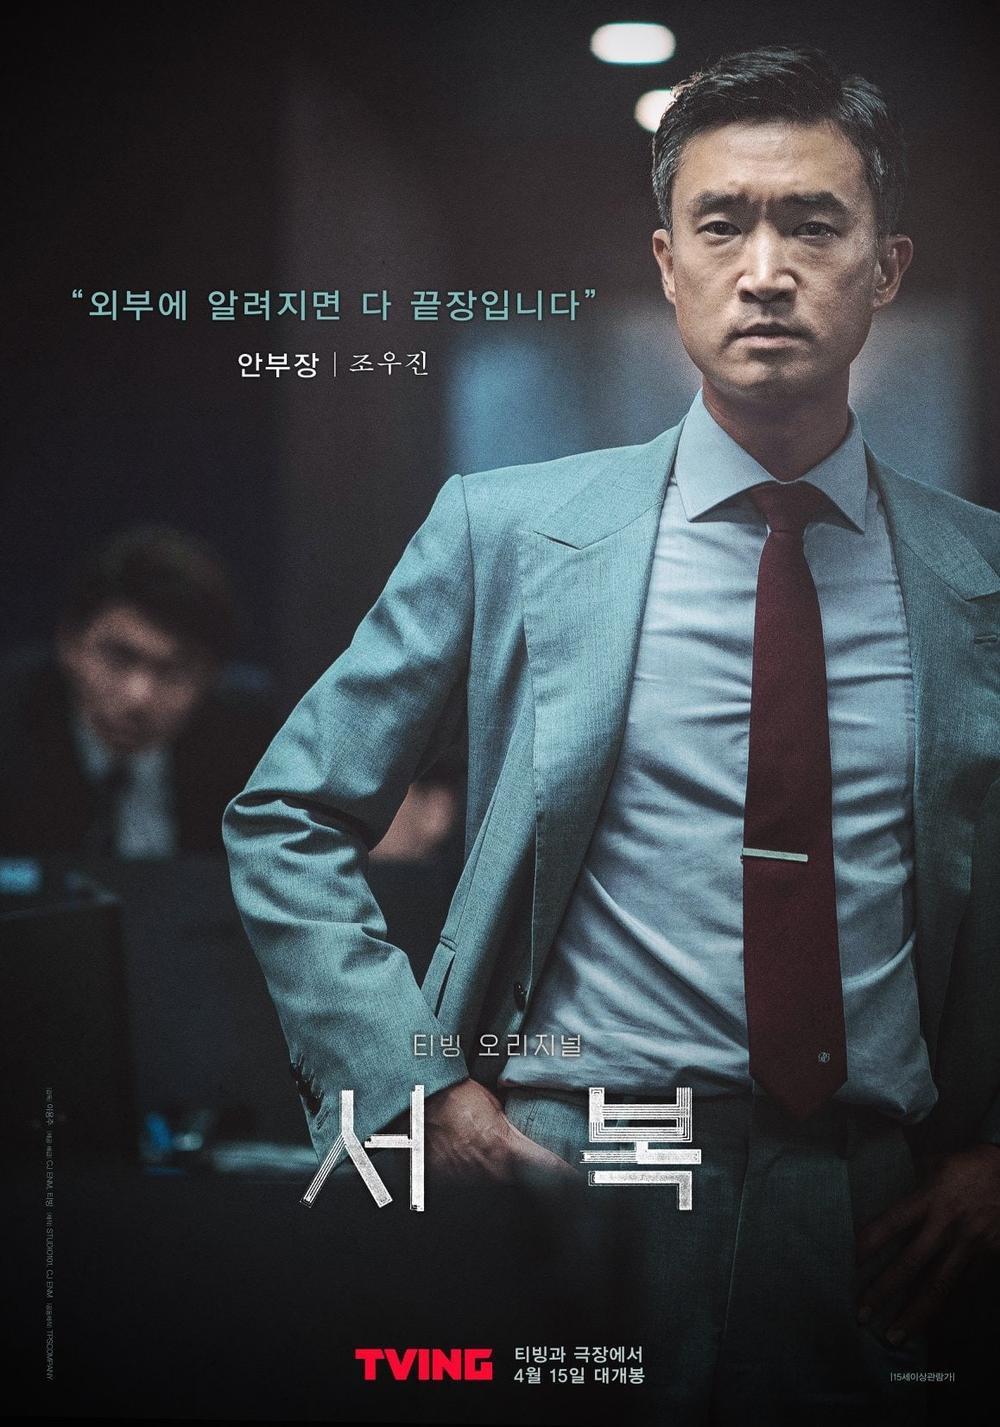 Phim 'Seo Bok' tung poster: Gong Yoo và Park Bo Gum đối đầu đầy kịch tính Ảnh 4